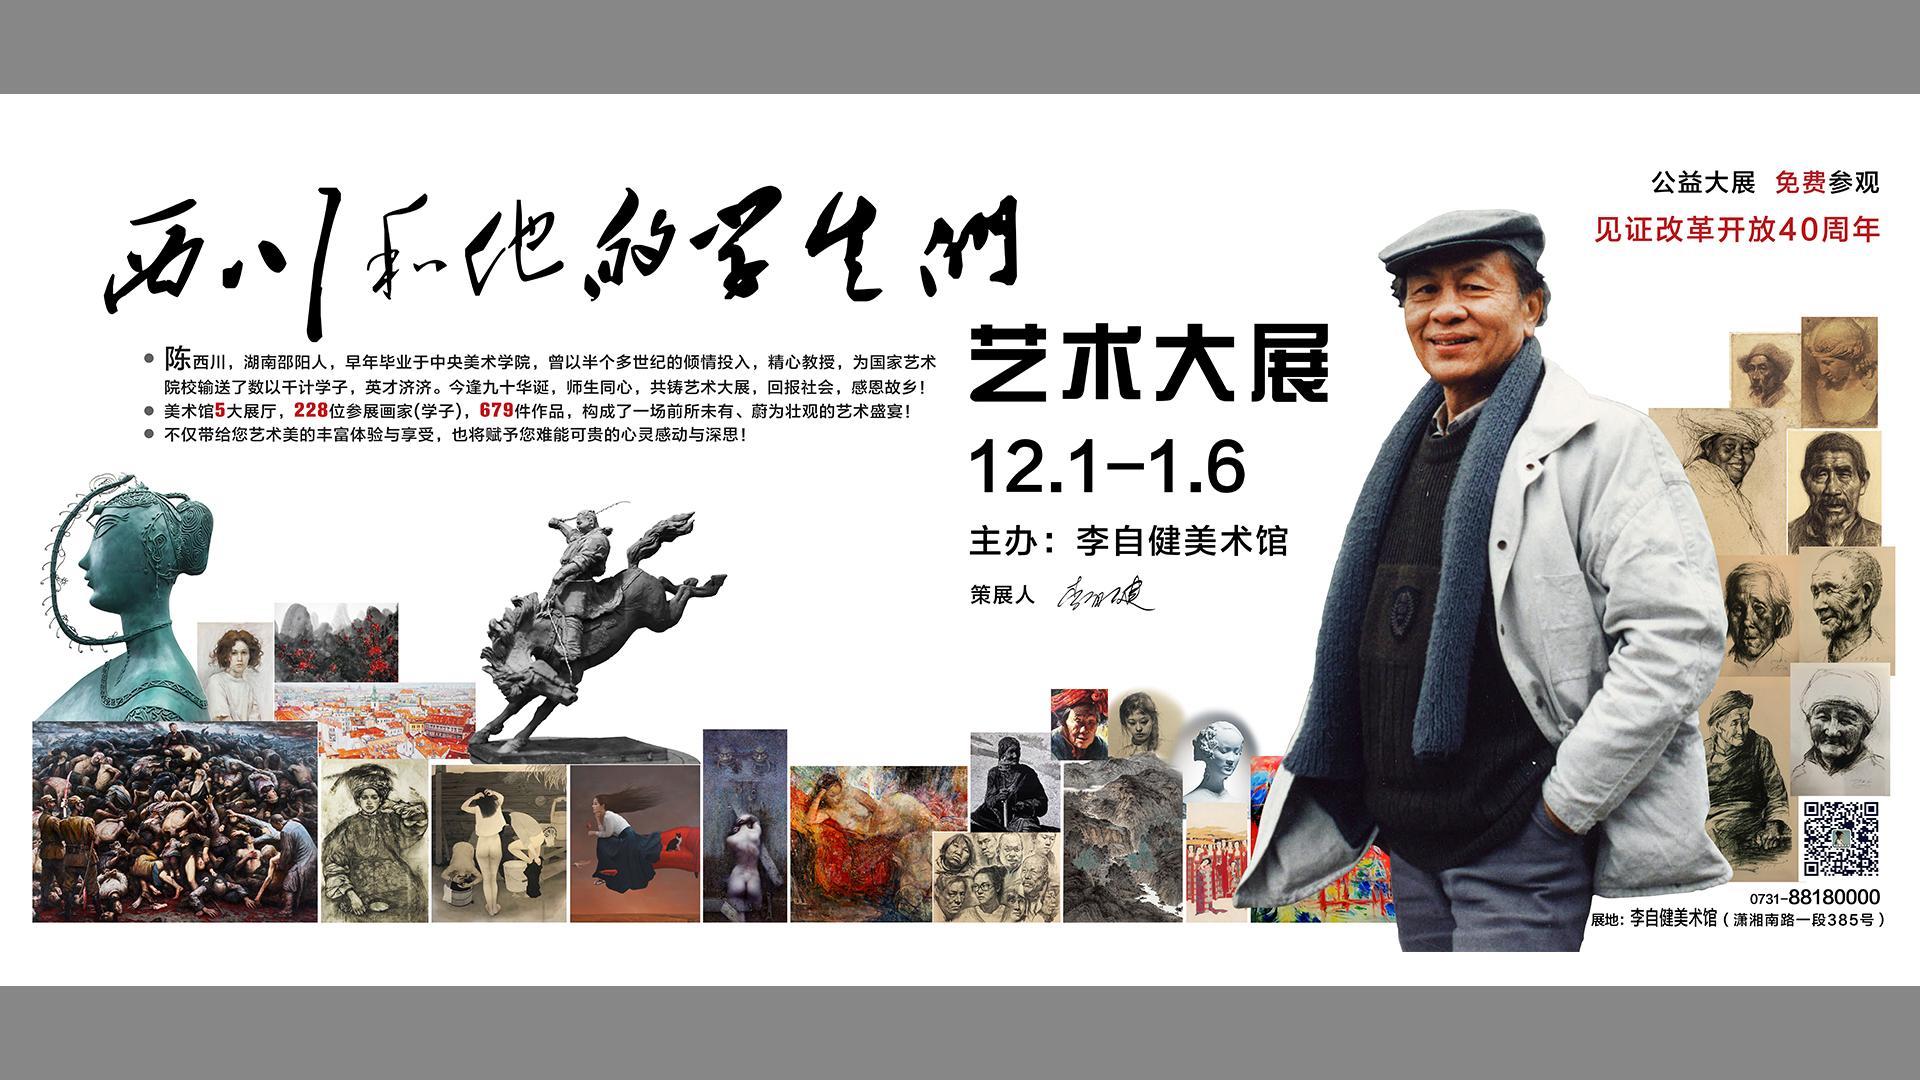 见证改革开放四十周年——西川和他的学生们艺术大展